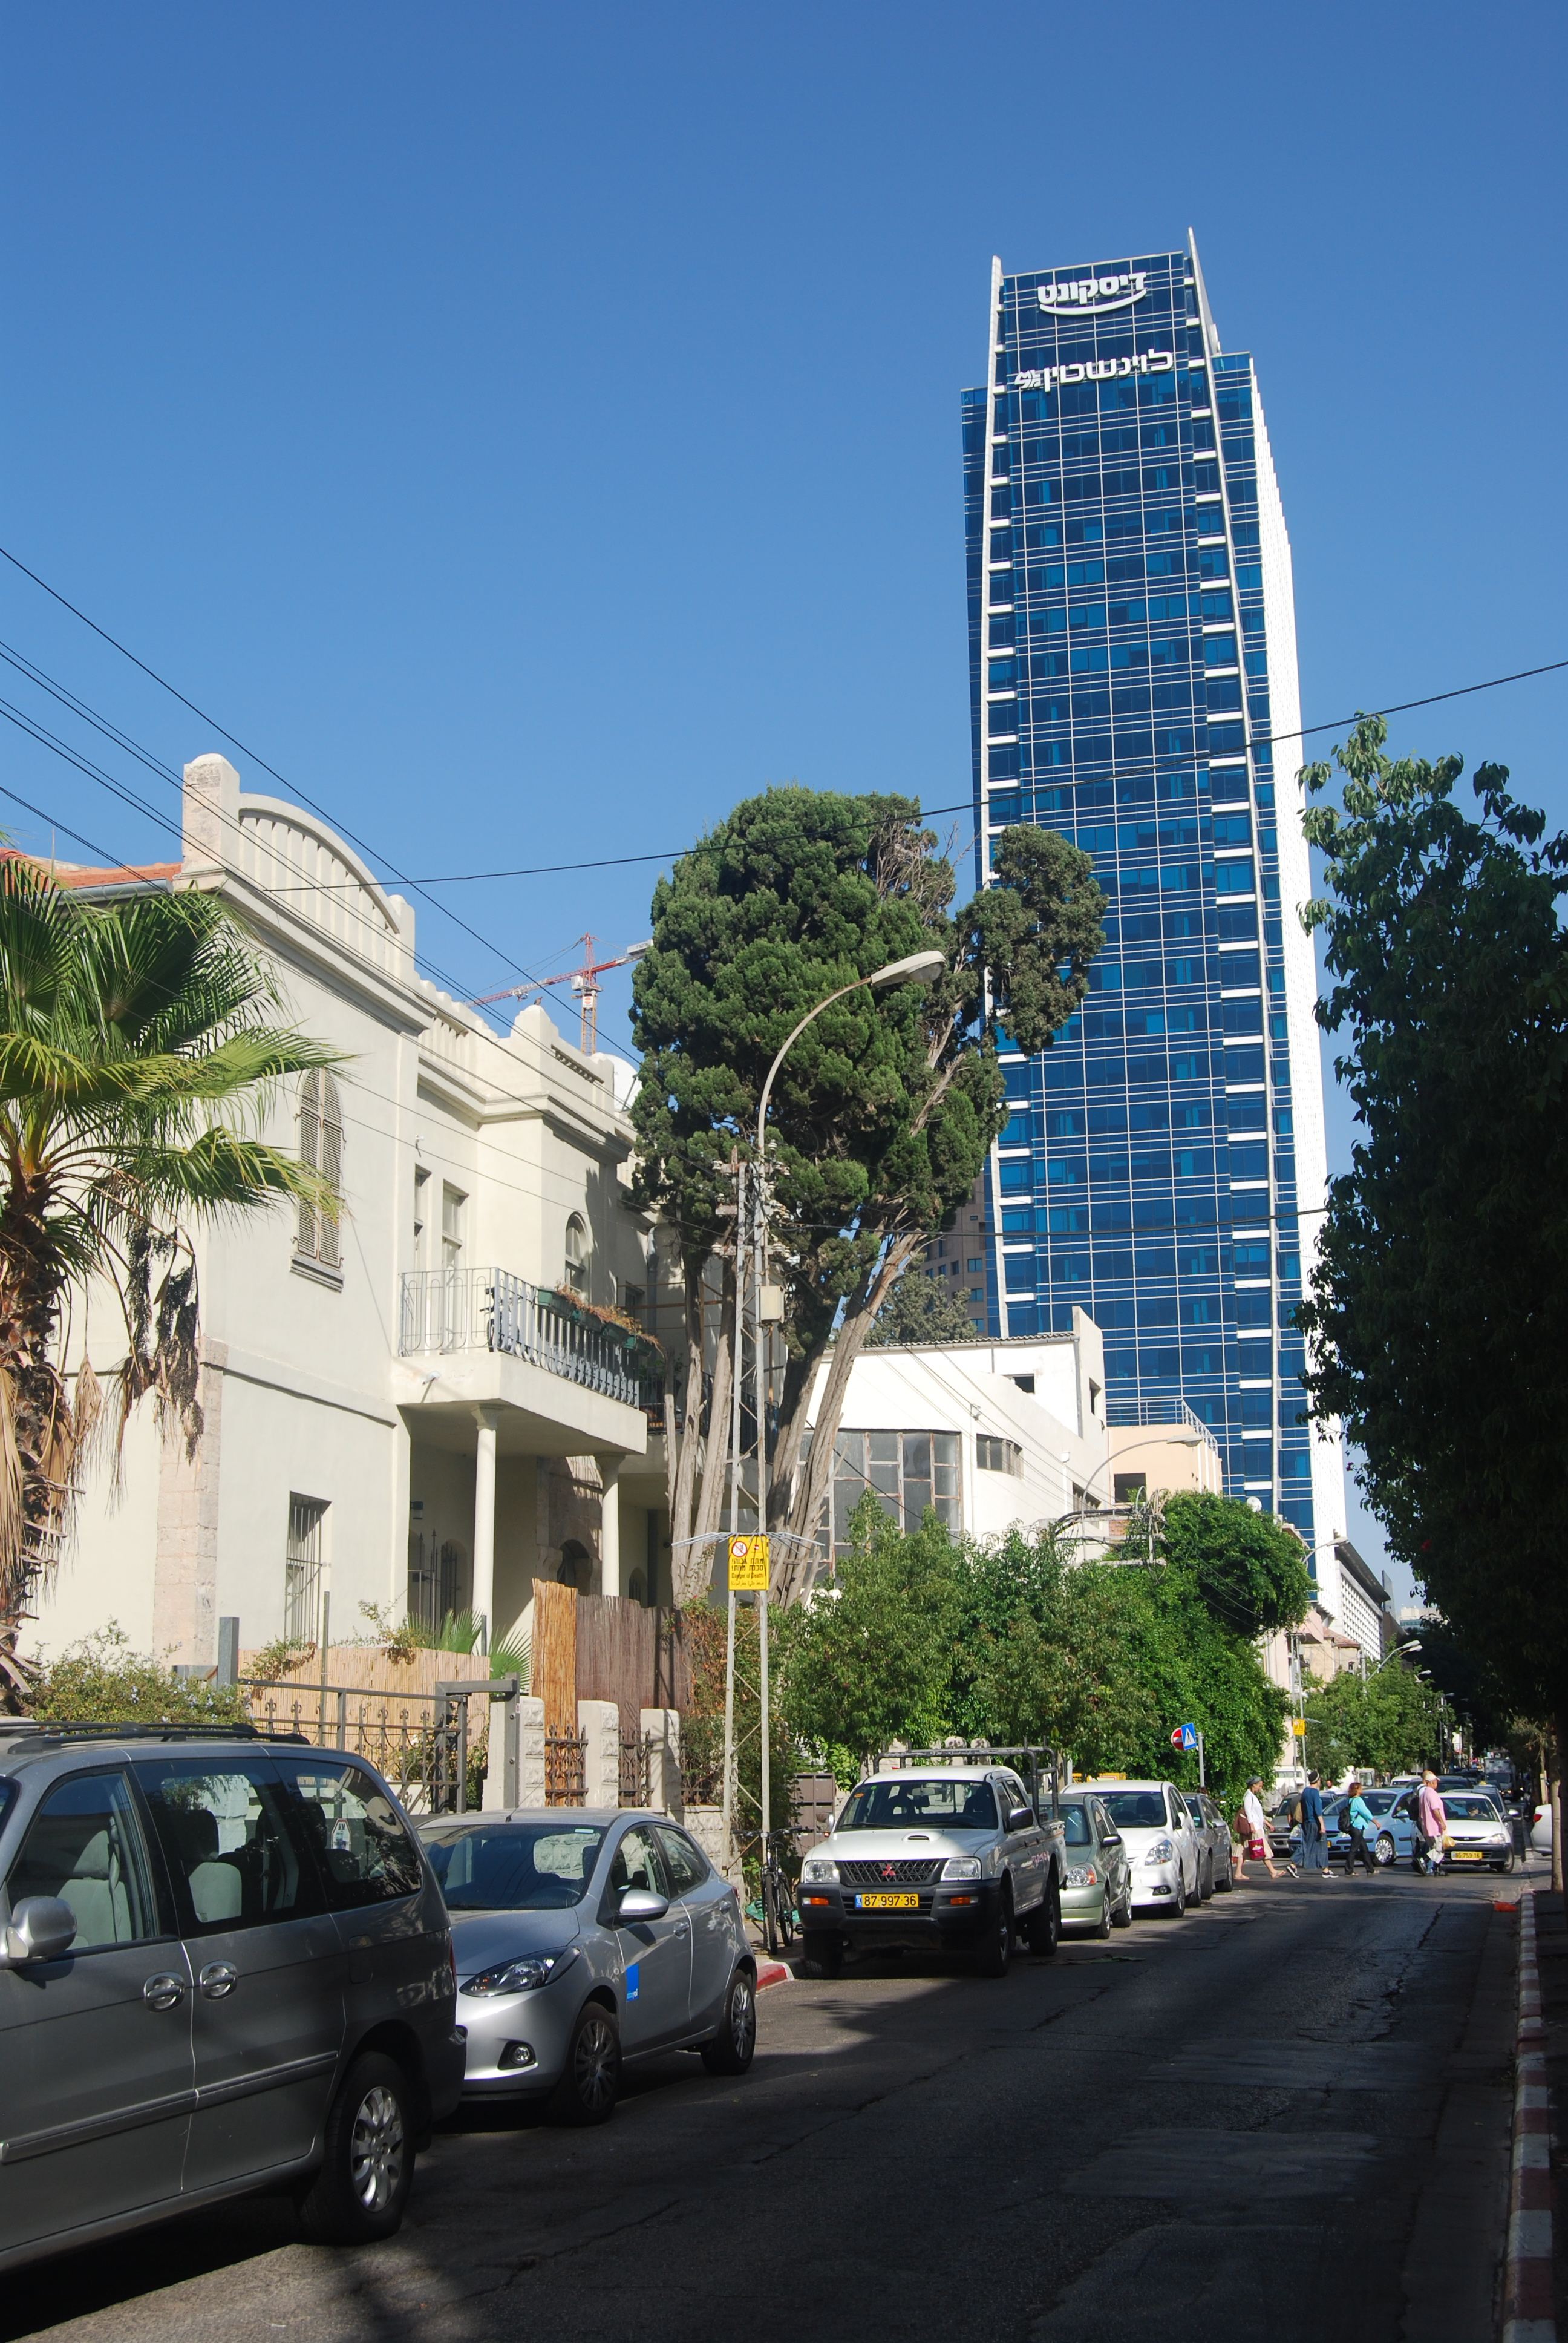 Der Israelische Immobilienmarkt: Fallen die Immobilien Preise in Israel? | Welchen weg schlägt der Israelische Haus Markt ein?